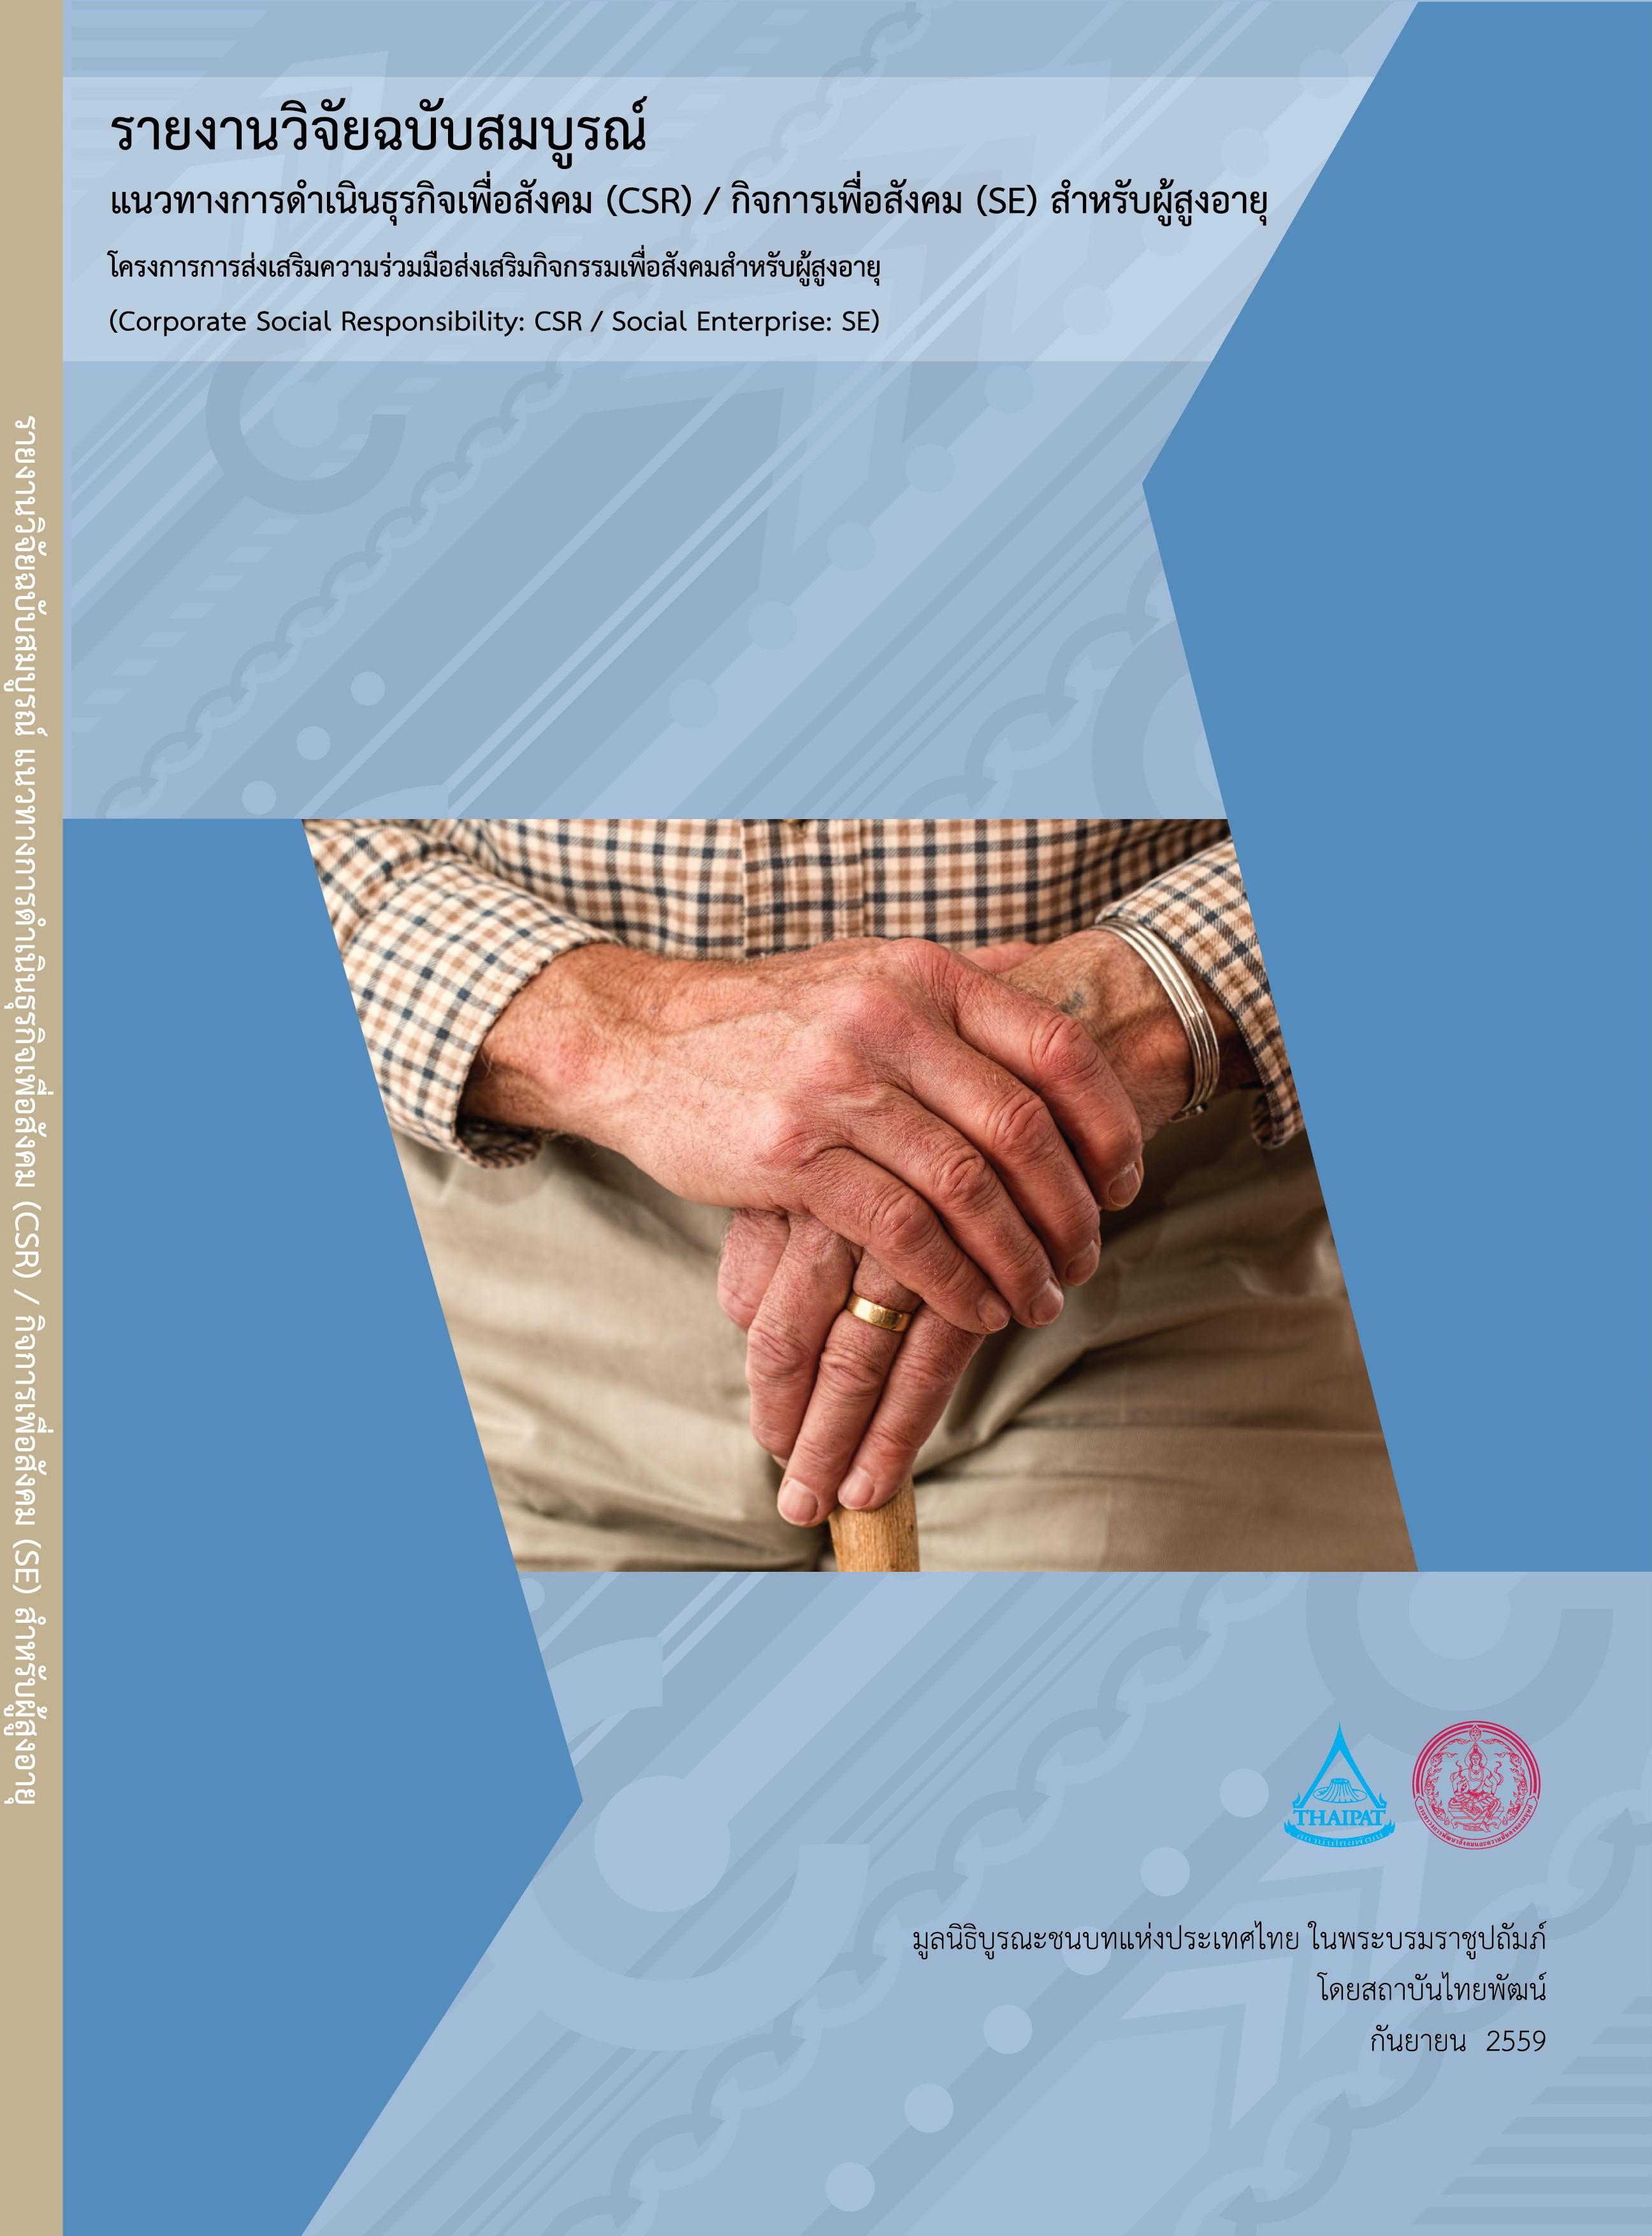 รายงานวิจัยฉบับสมบูรณ์ แนวทางการดำเนินธุรกิจเพื่อสังคม (CSR) / กิจการเพื่อสังคม (SE) สำหรับผู้สูงอายุ